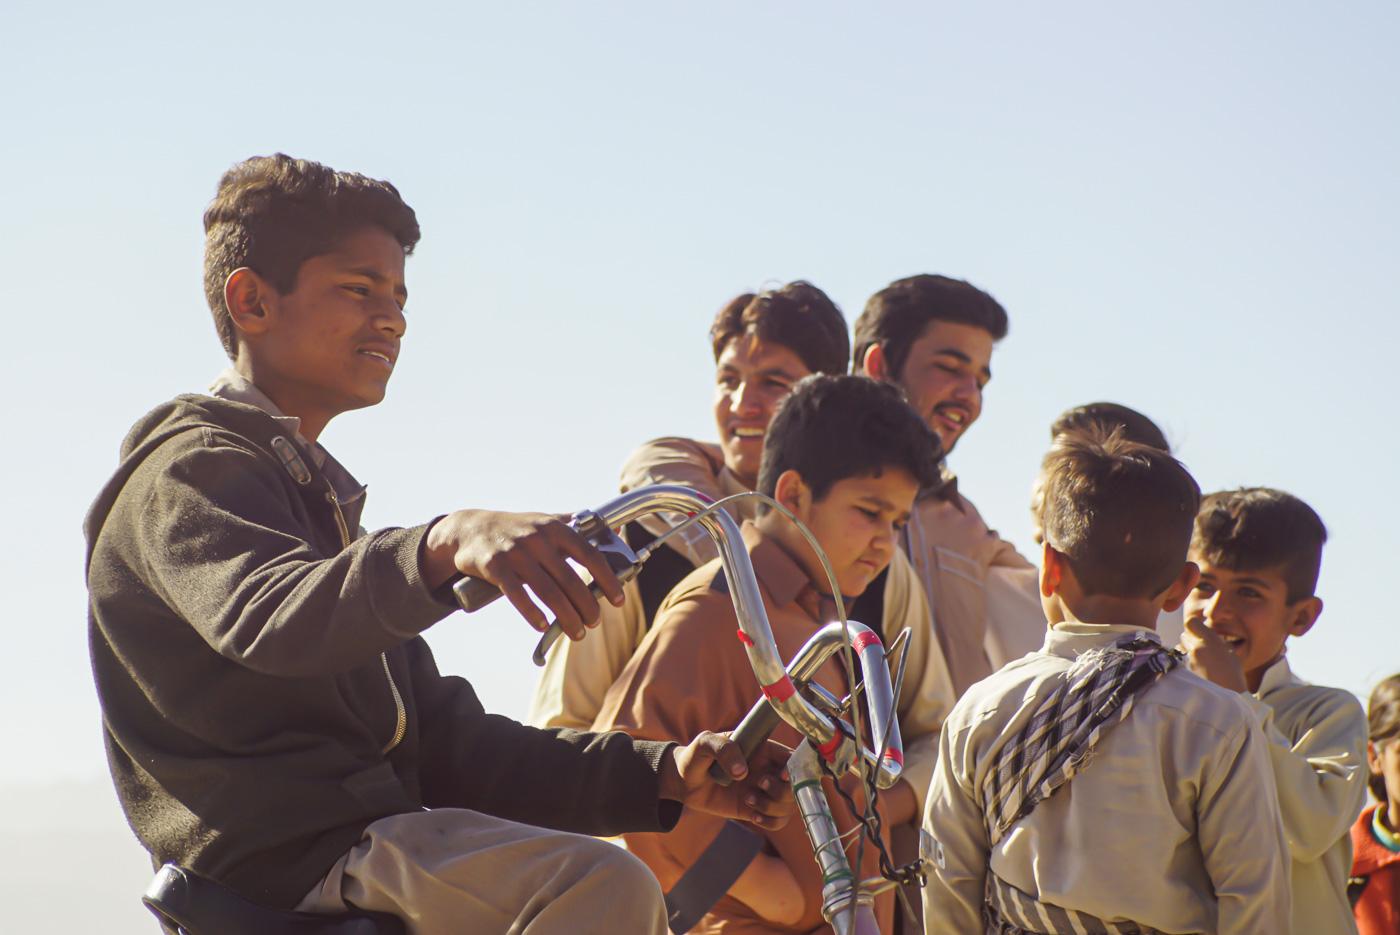 Im Vordergrund ist ein pakistanischer Junge auf einem Fahrrad zu sehen welches einen hohen Lenker hat im Hintergrund lachen und scherzen sechs andere Jungen alle tragen wiederum traditionelle pakistanische Kleidung.